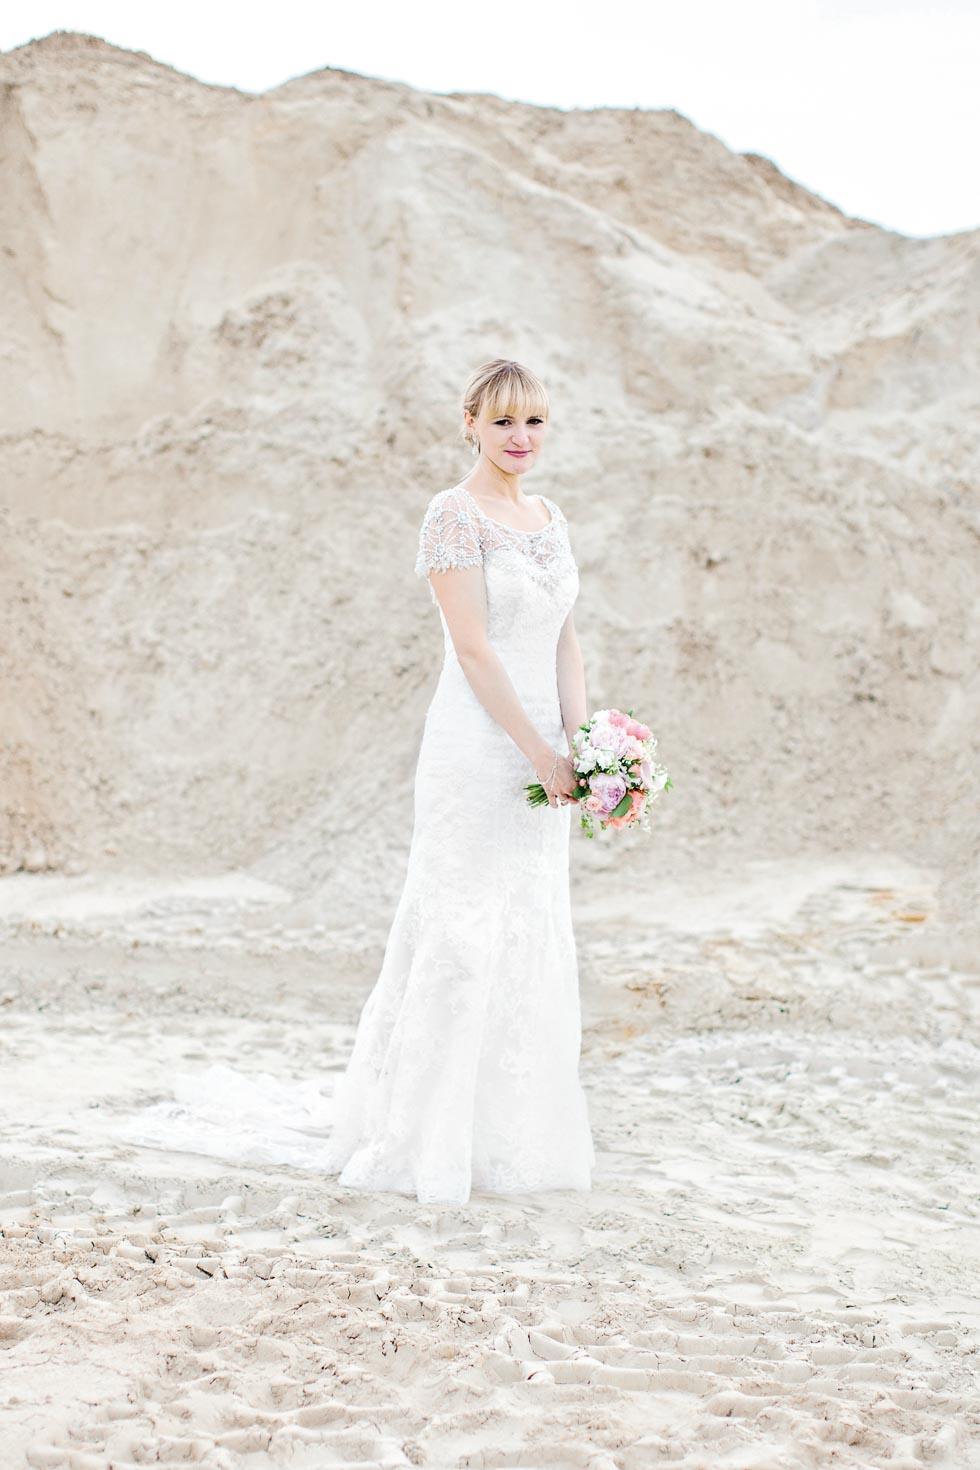 Herrlich elegante Landhochzeit  weddingstyle Hochzeitsblog